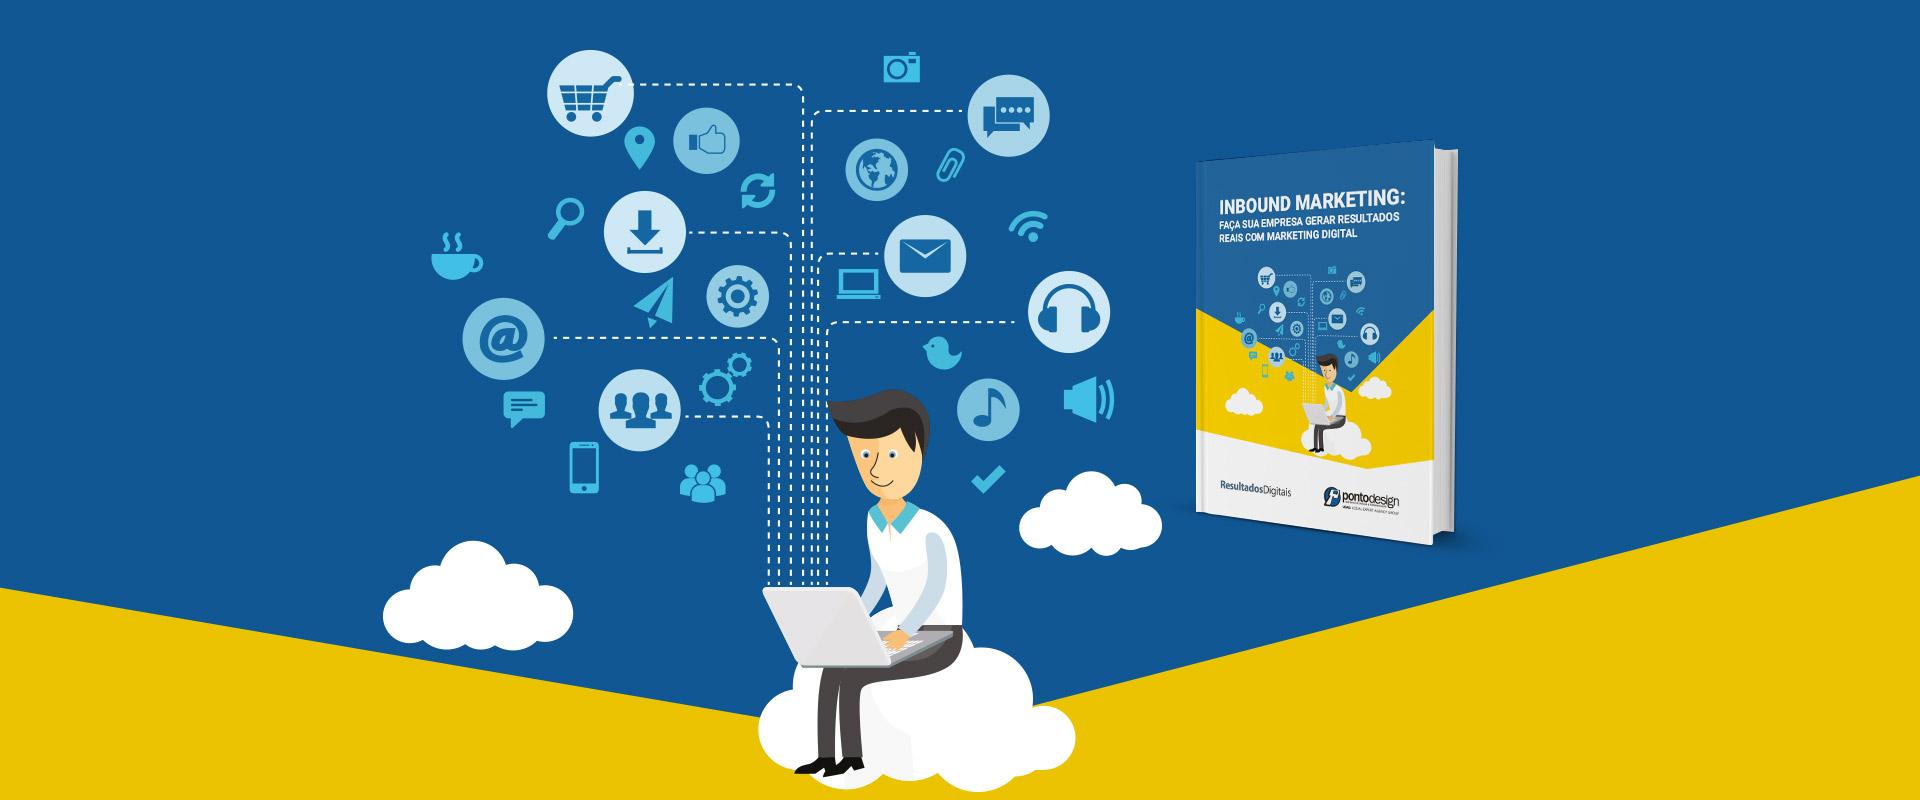 Inbound Marketing: como gerar resultados reais com marketing digital